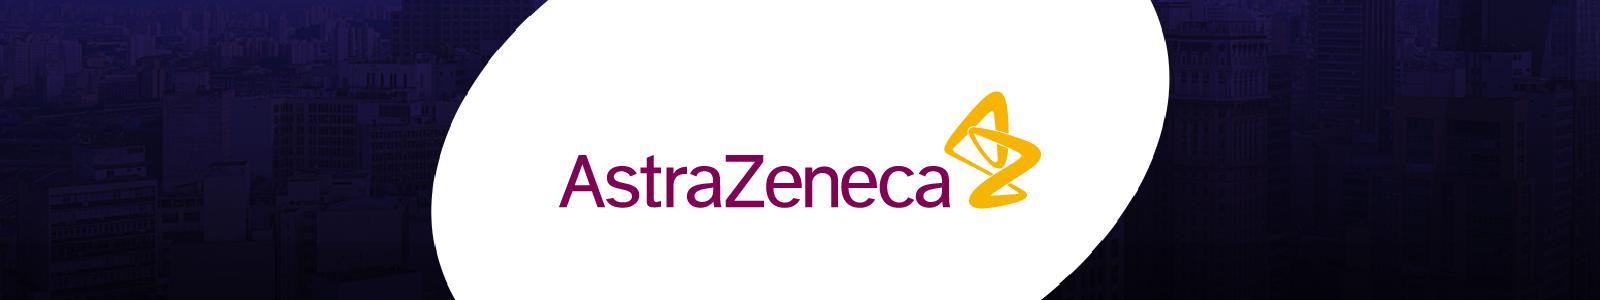 banner-astrazeneca